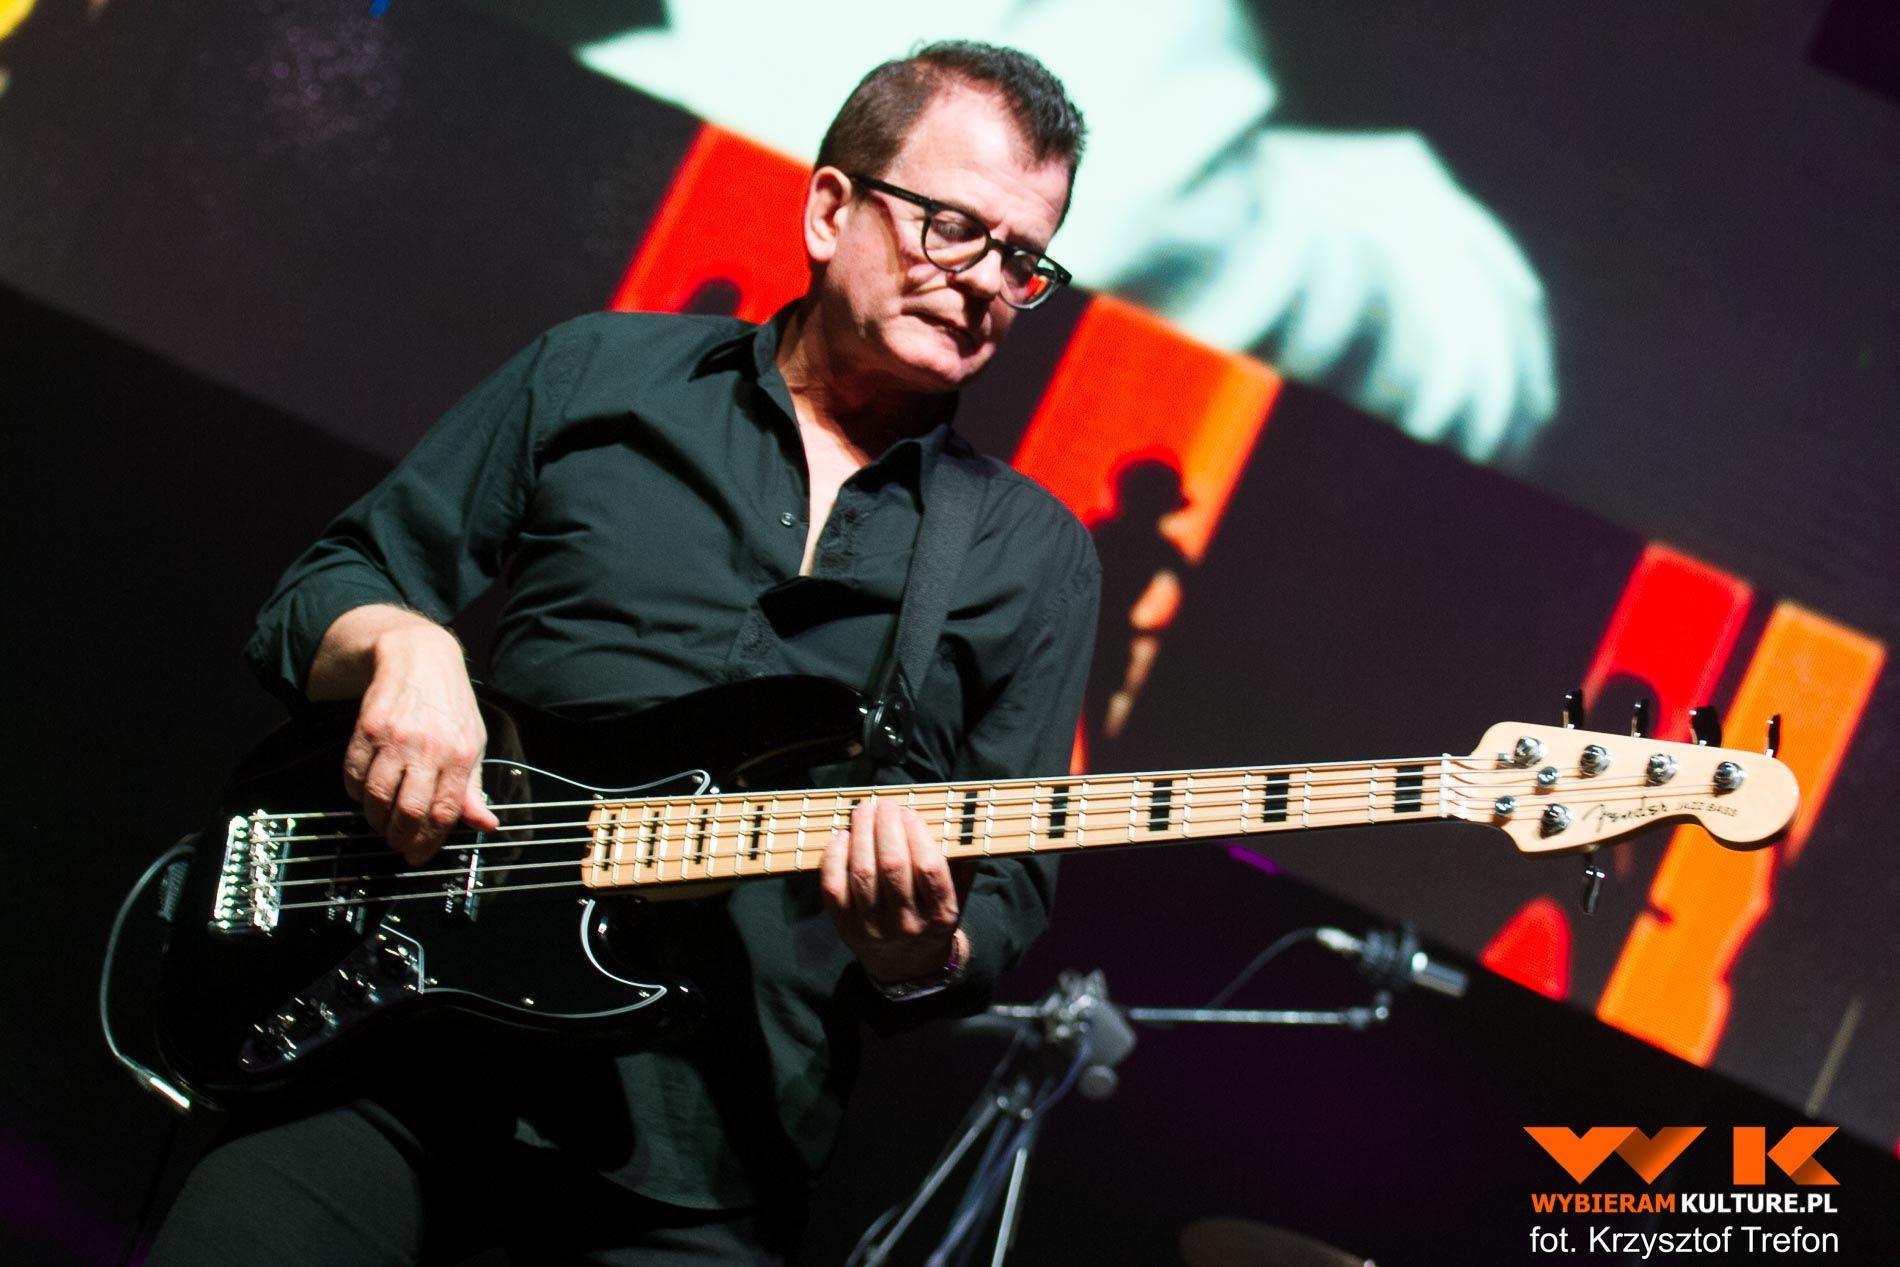 Relacja Krolowie Zycia Kombii O N A 40 Lecie Pracy Tworczej Skawinskiego I Tkaczyka Bassist Guitar Music